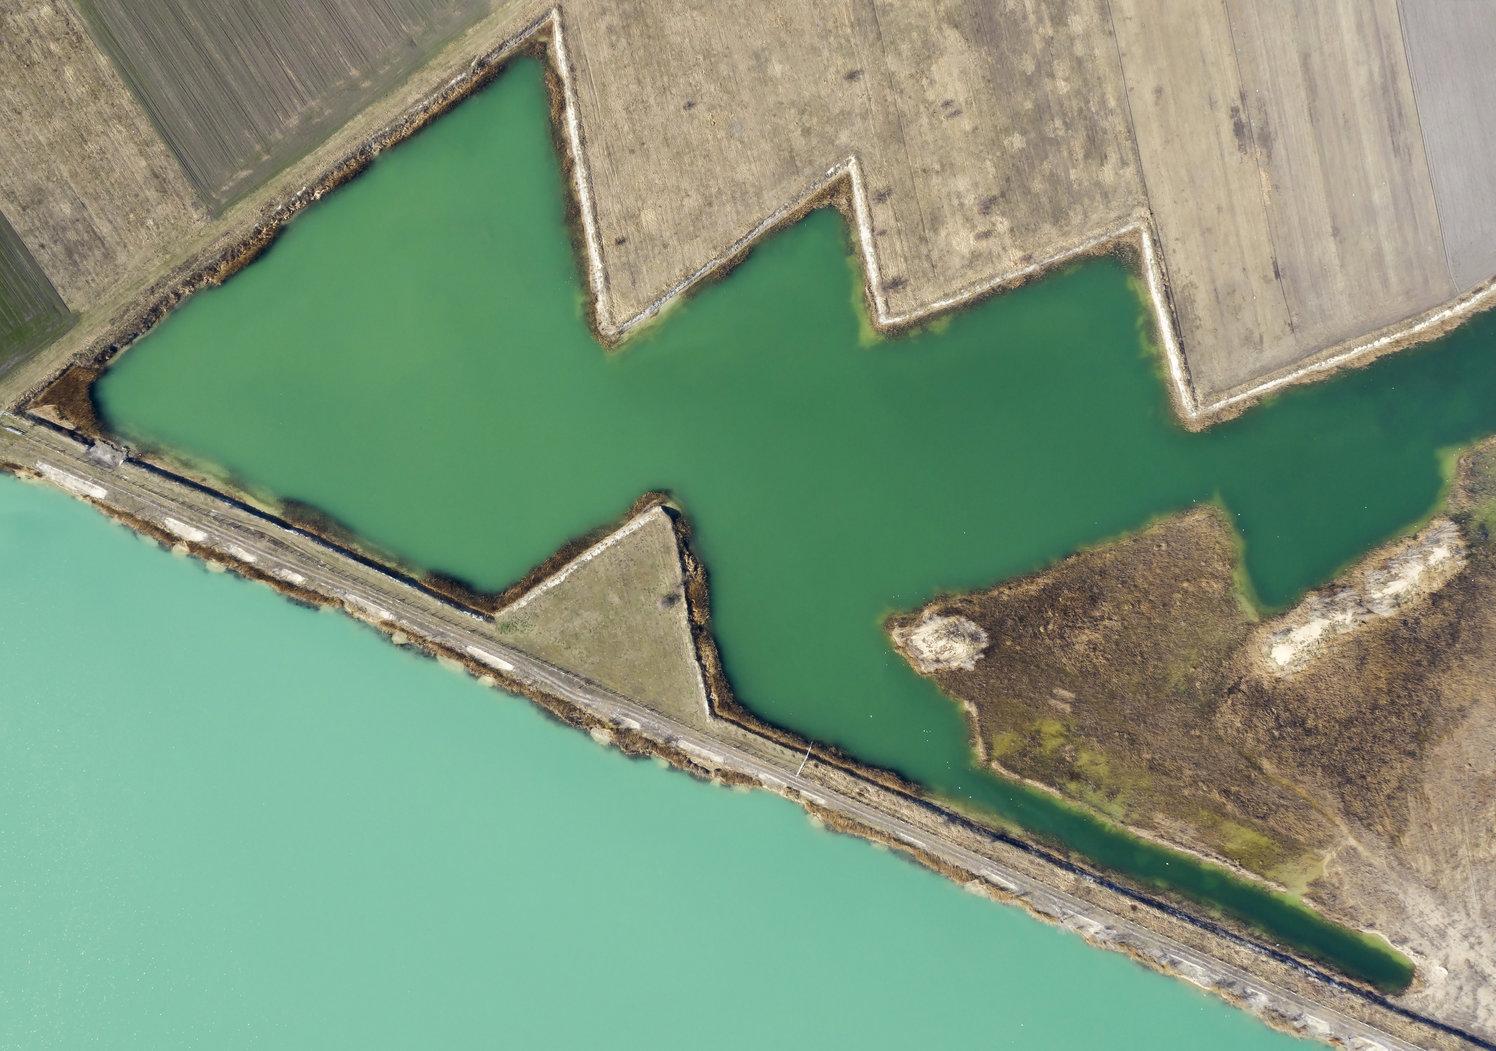 Délegyháza, 2019. március 22. Bányatavak Délegyháza közelében 2019. március 17-én. Az ENSZ március 22-ét nyilvánította a víz világnapjává, amelynek célja a környezet és ezen belül a Föld vízkészletének védelme. MTI/Mohai Balázs